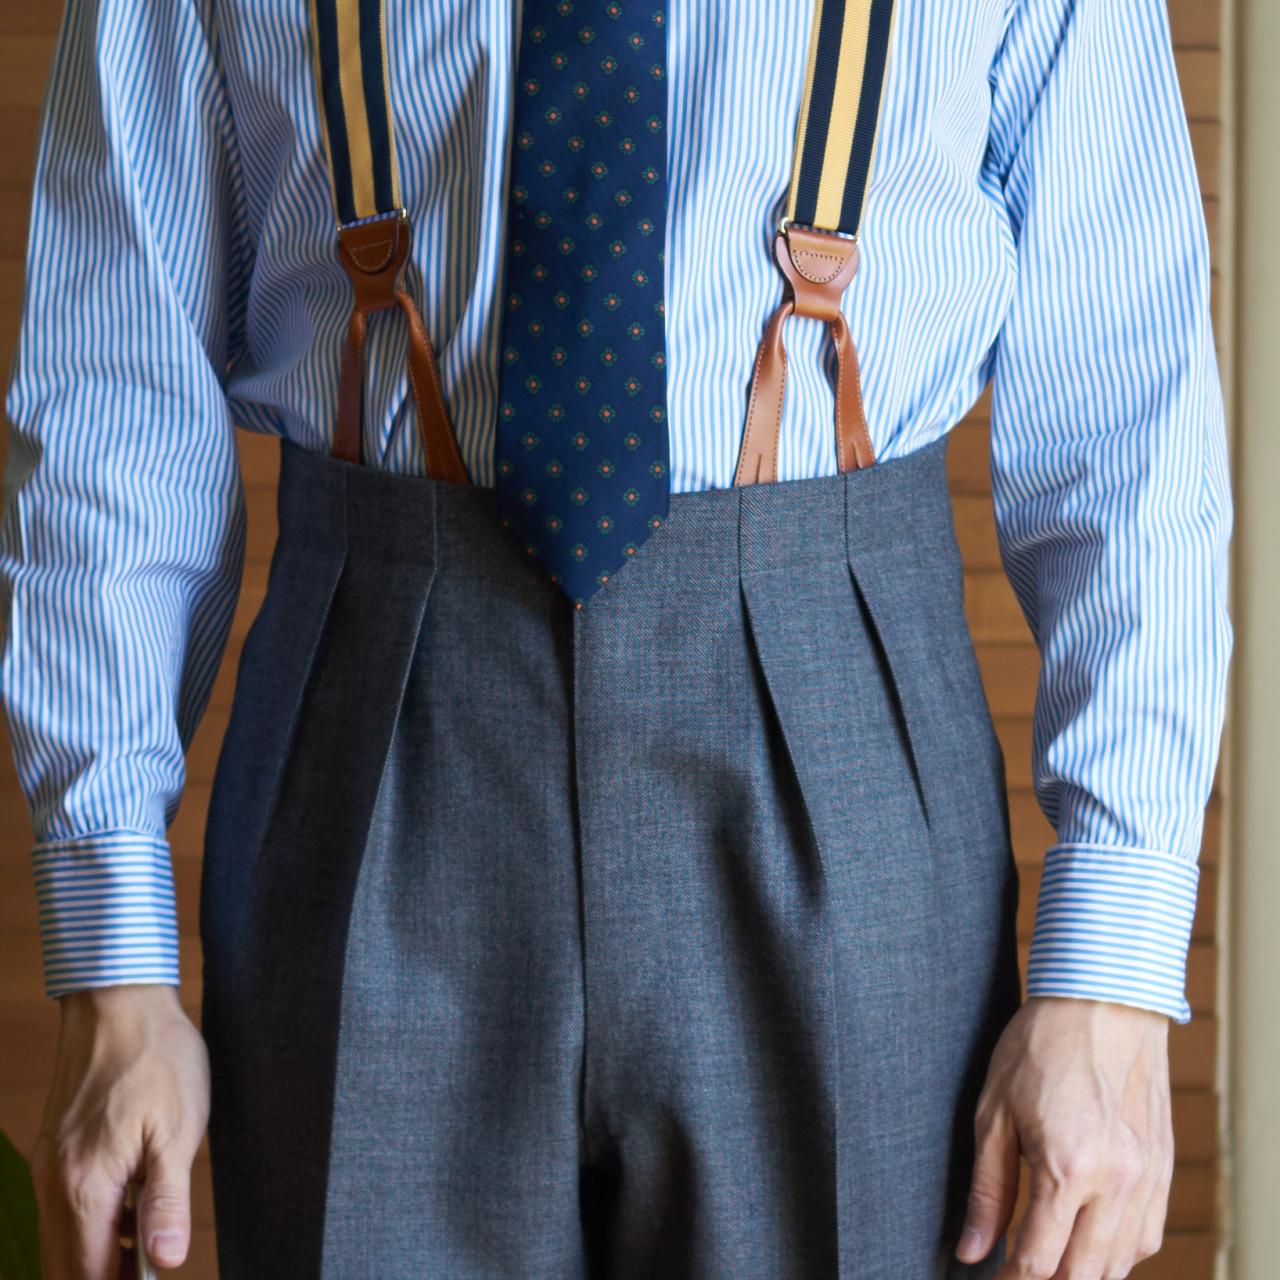 Les Pantalon Ceintures De Collar – Stiff rCBexWQdo